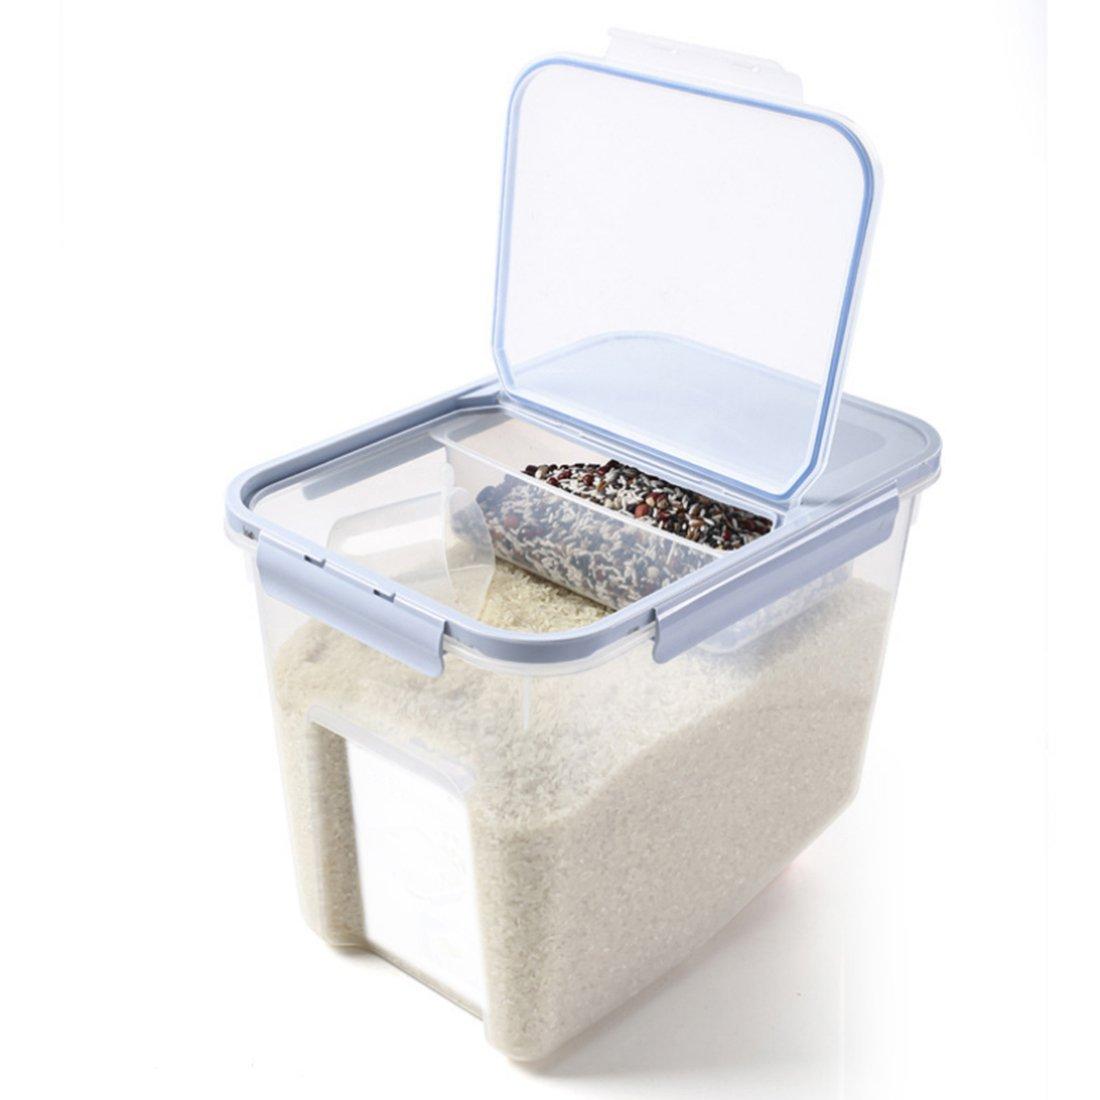 Likeluk Contenitore dispenser portatile da 10 kg in plastica alimentare per farina, cereali, legumi, riso, contenitore sigillato